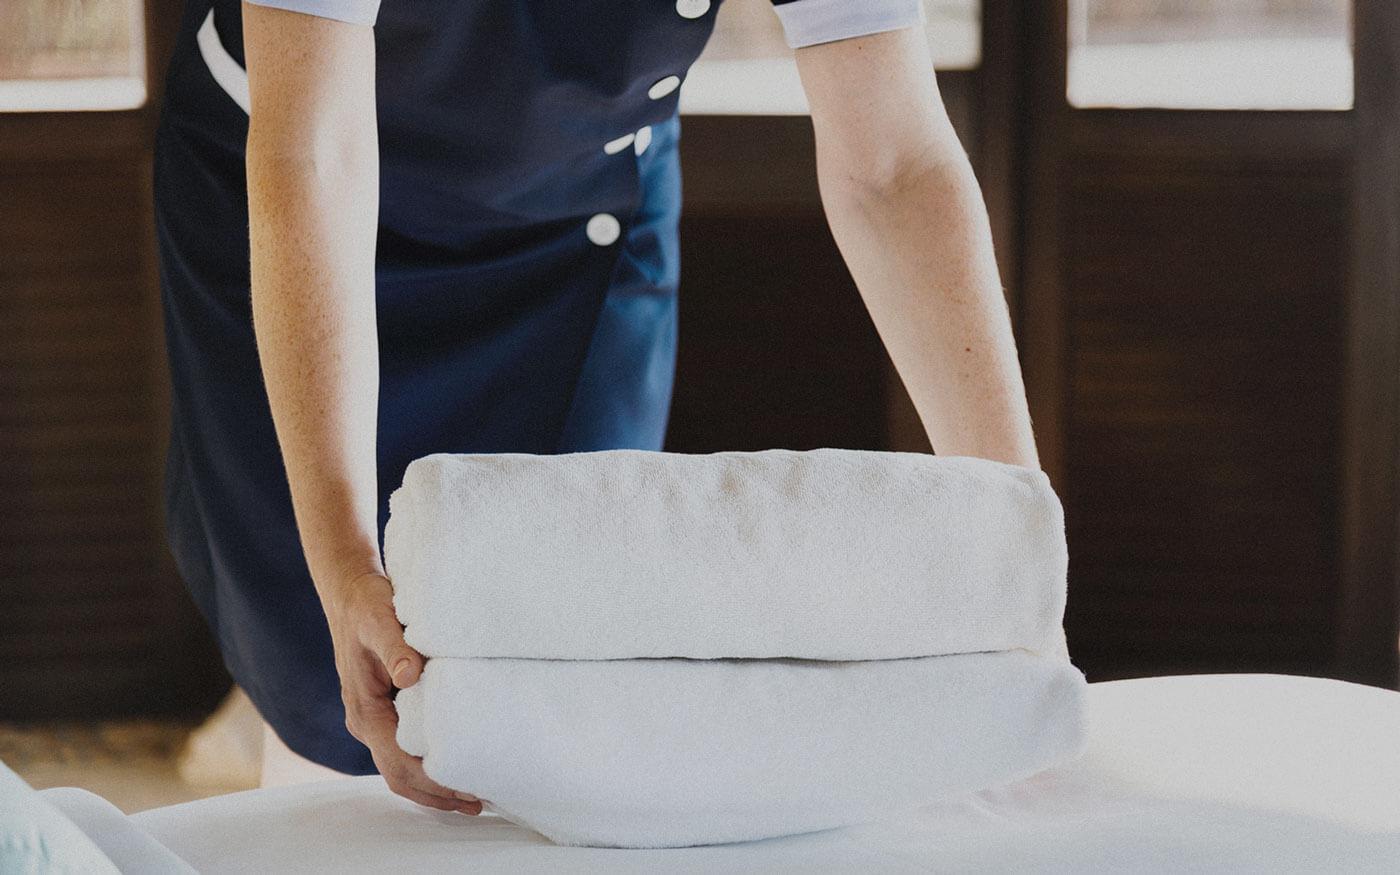 Hotelservice und Reinigung von Hotels und Gastronomie